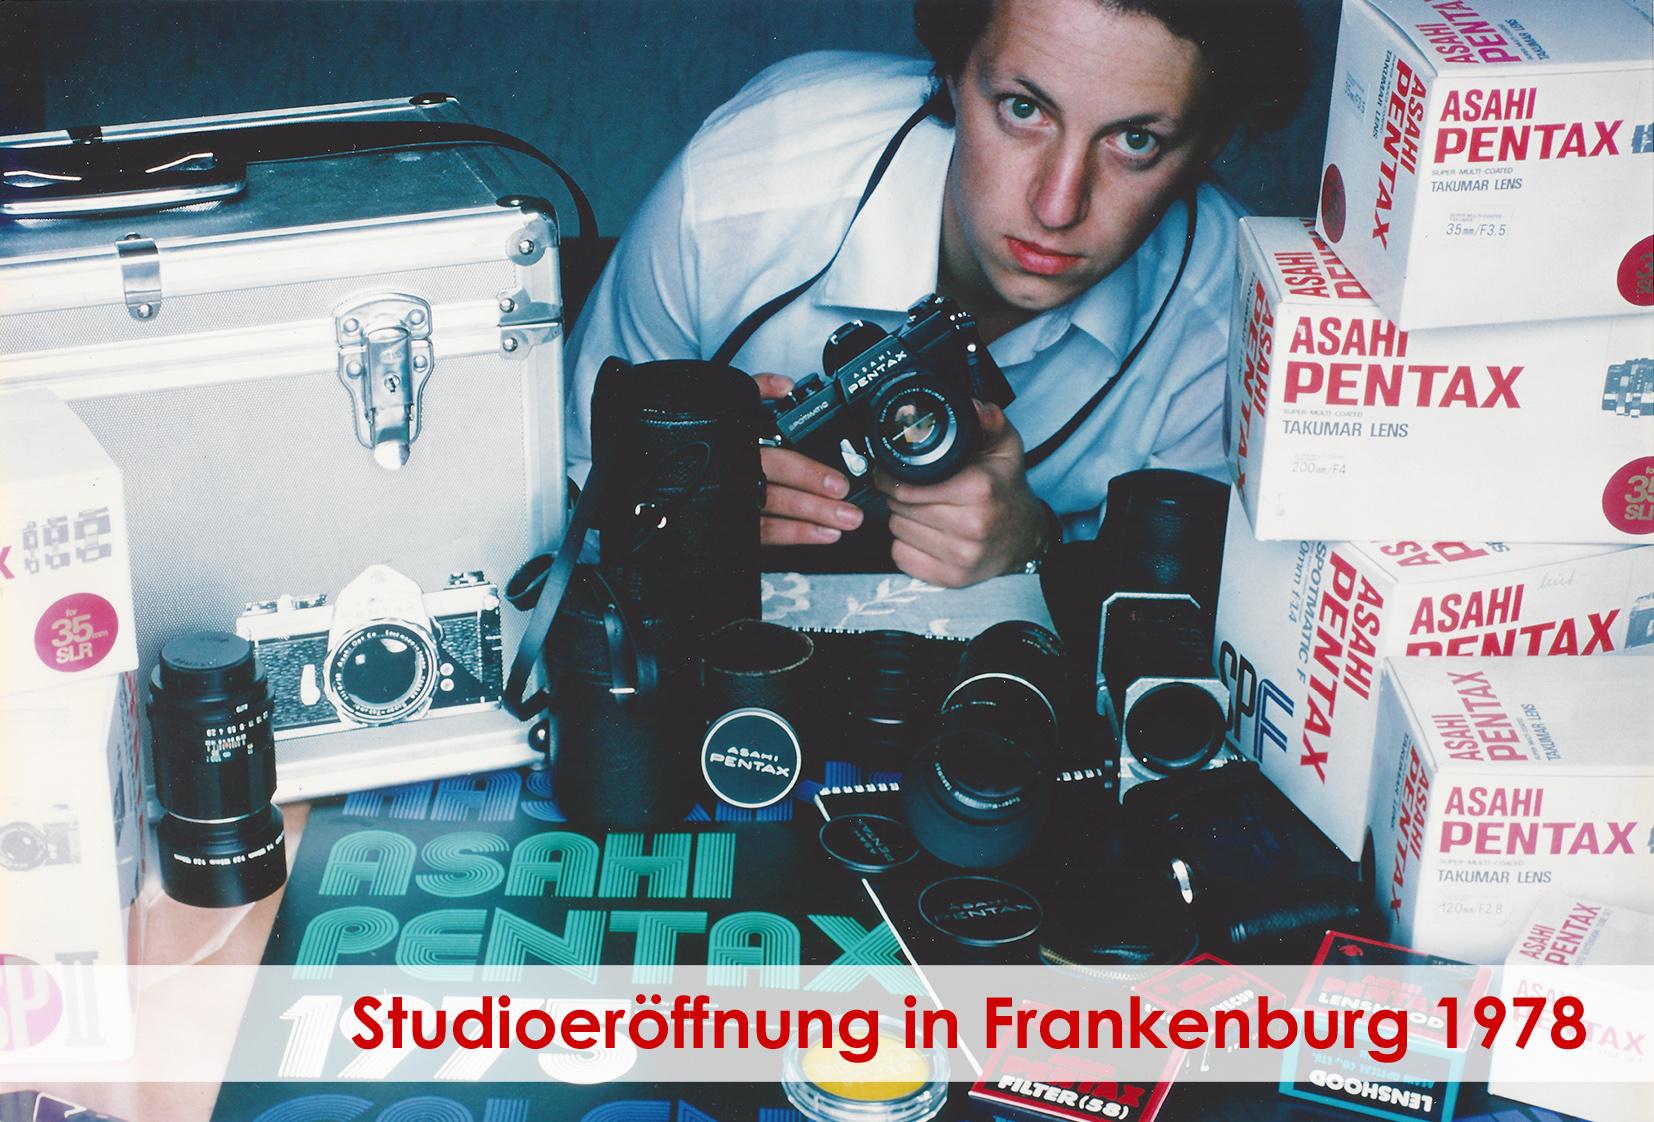 Fotograf Hannes Resch Ried